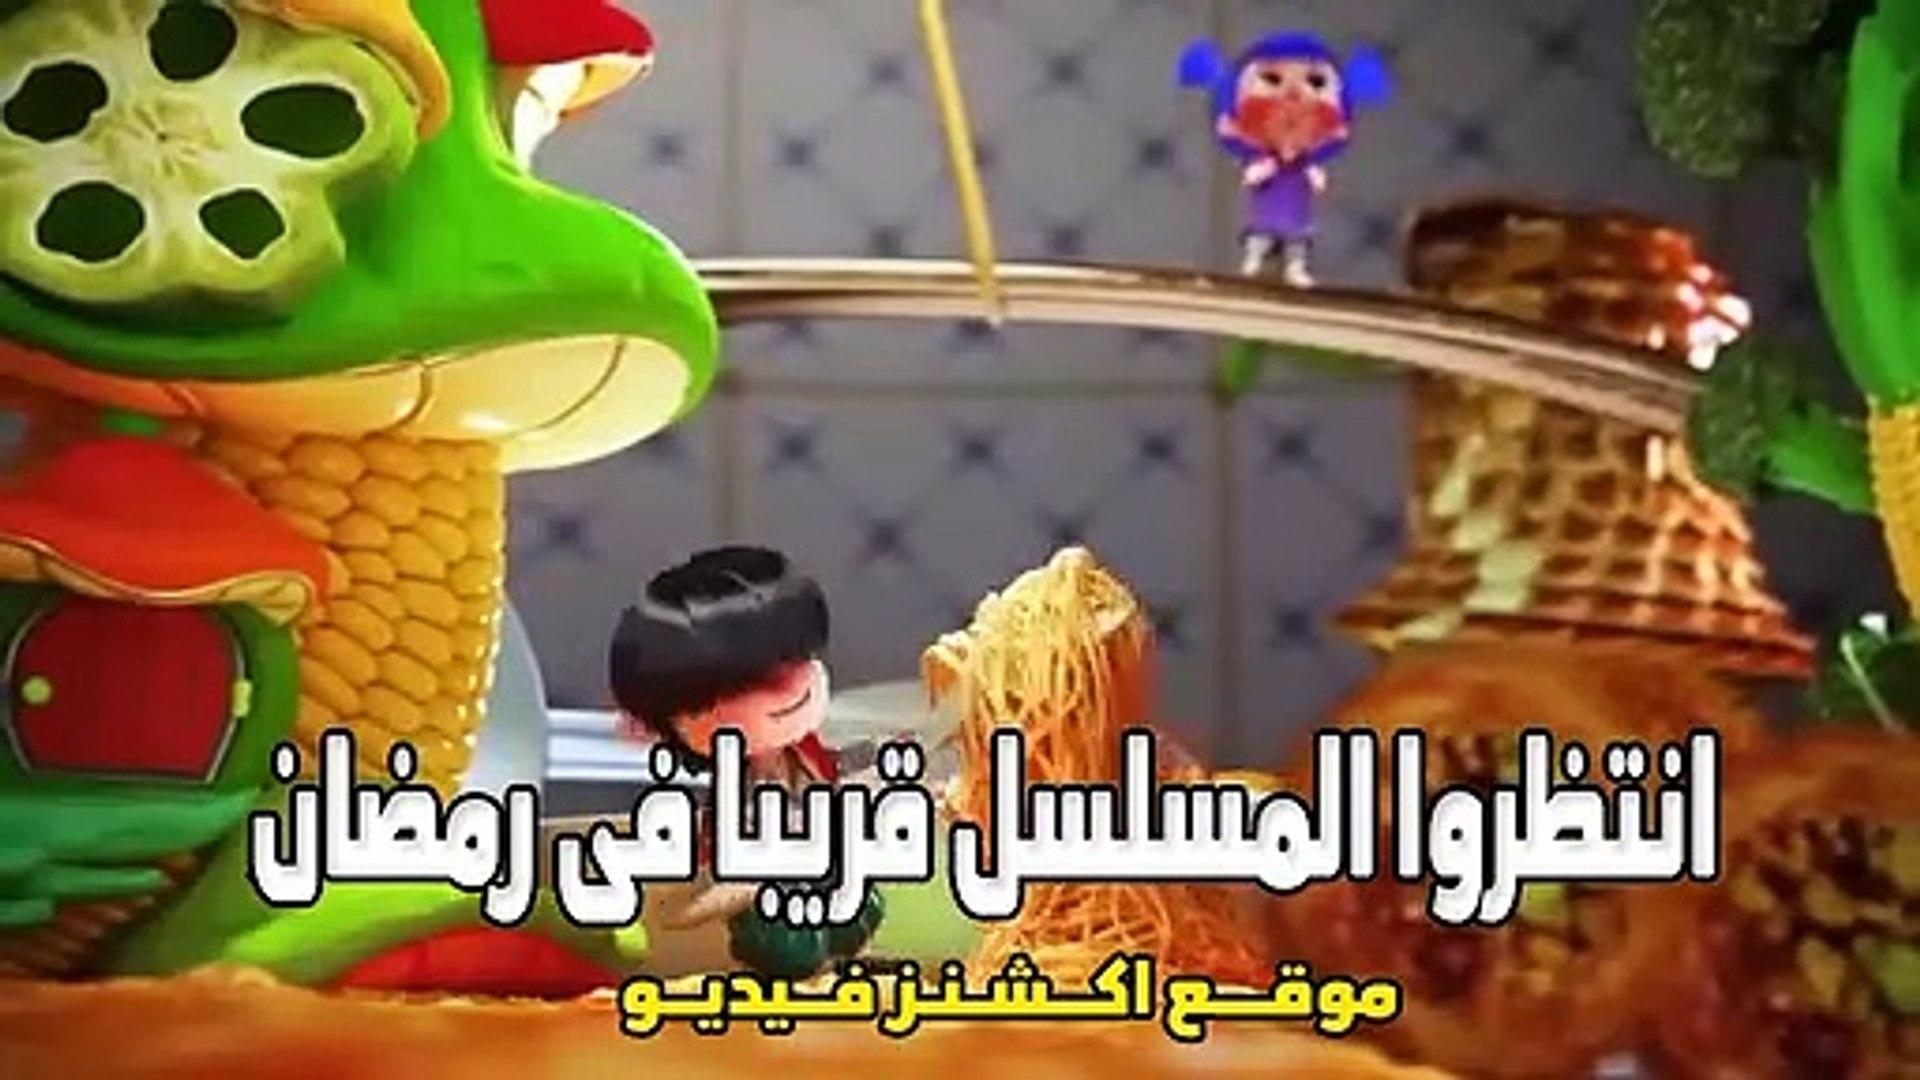 مسلسلات رمضان 2020 على اكشنز فيديو